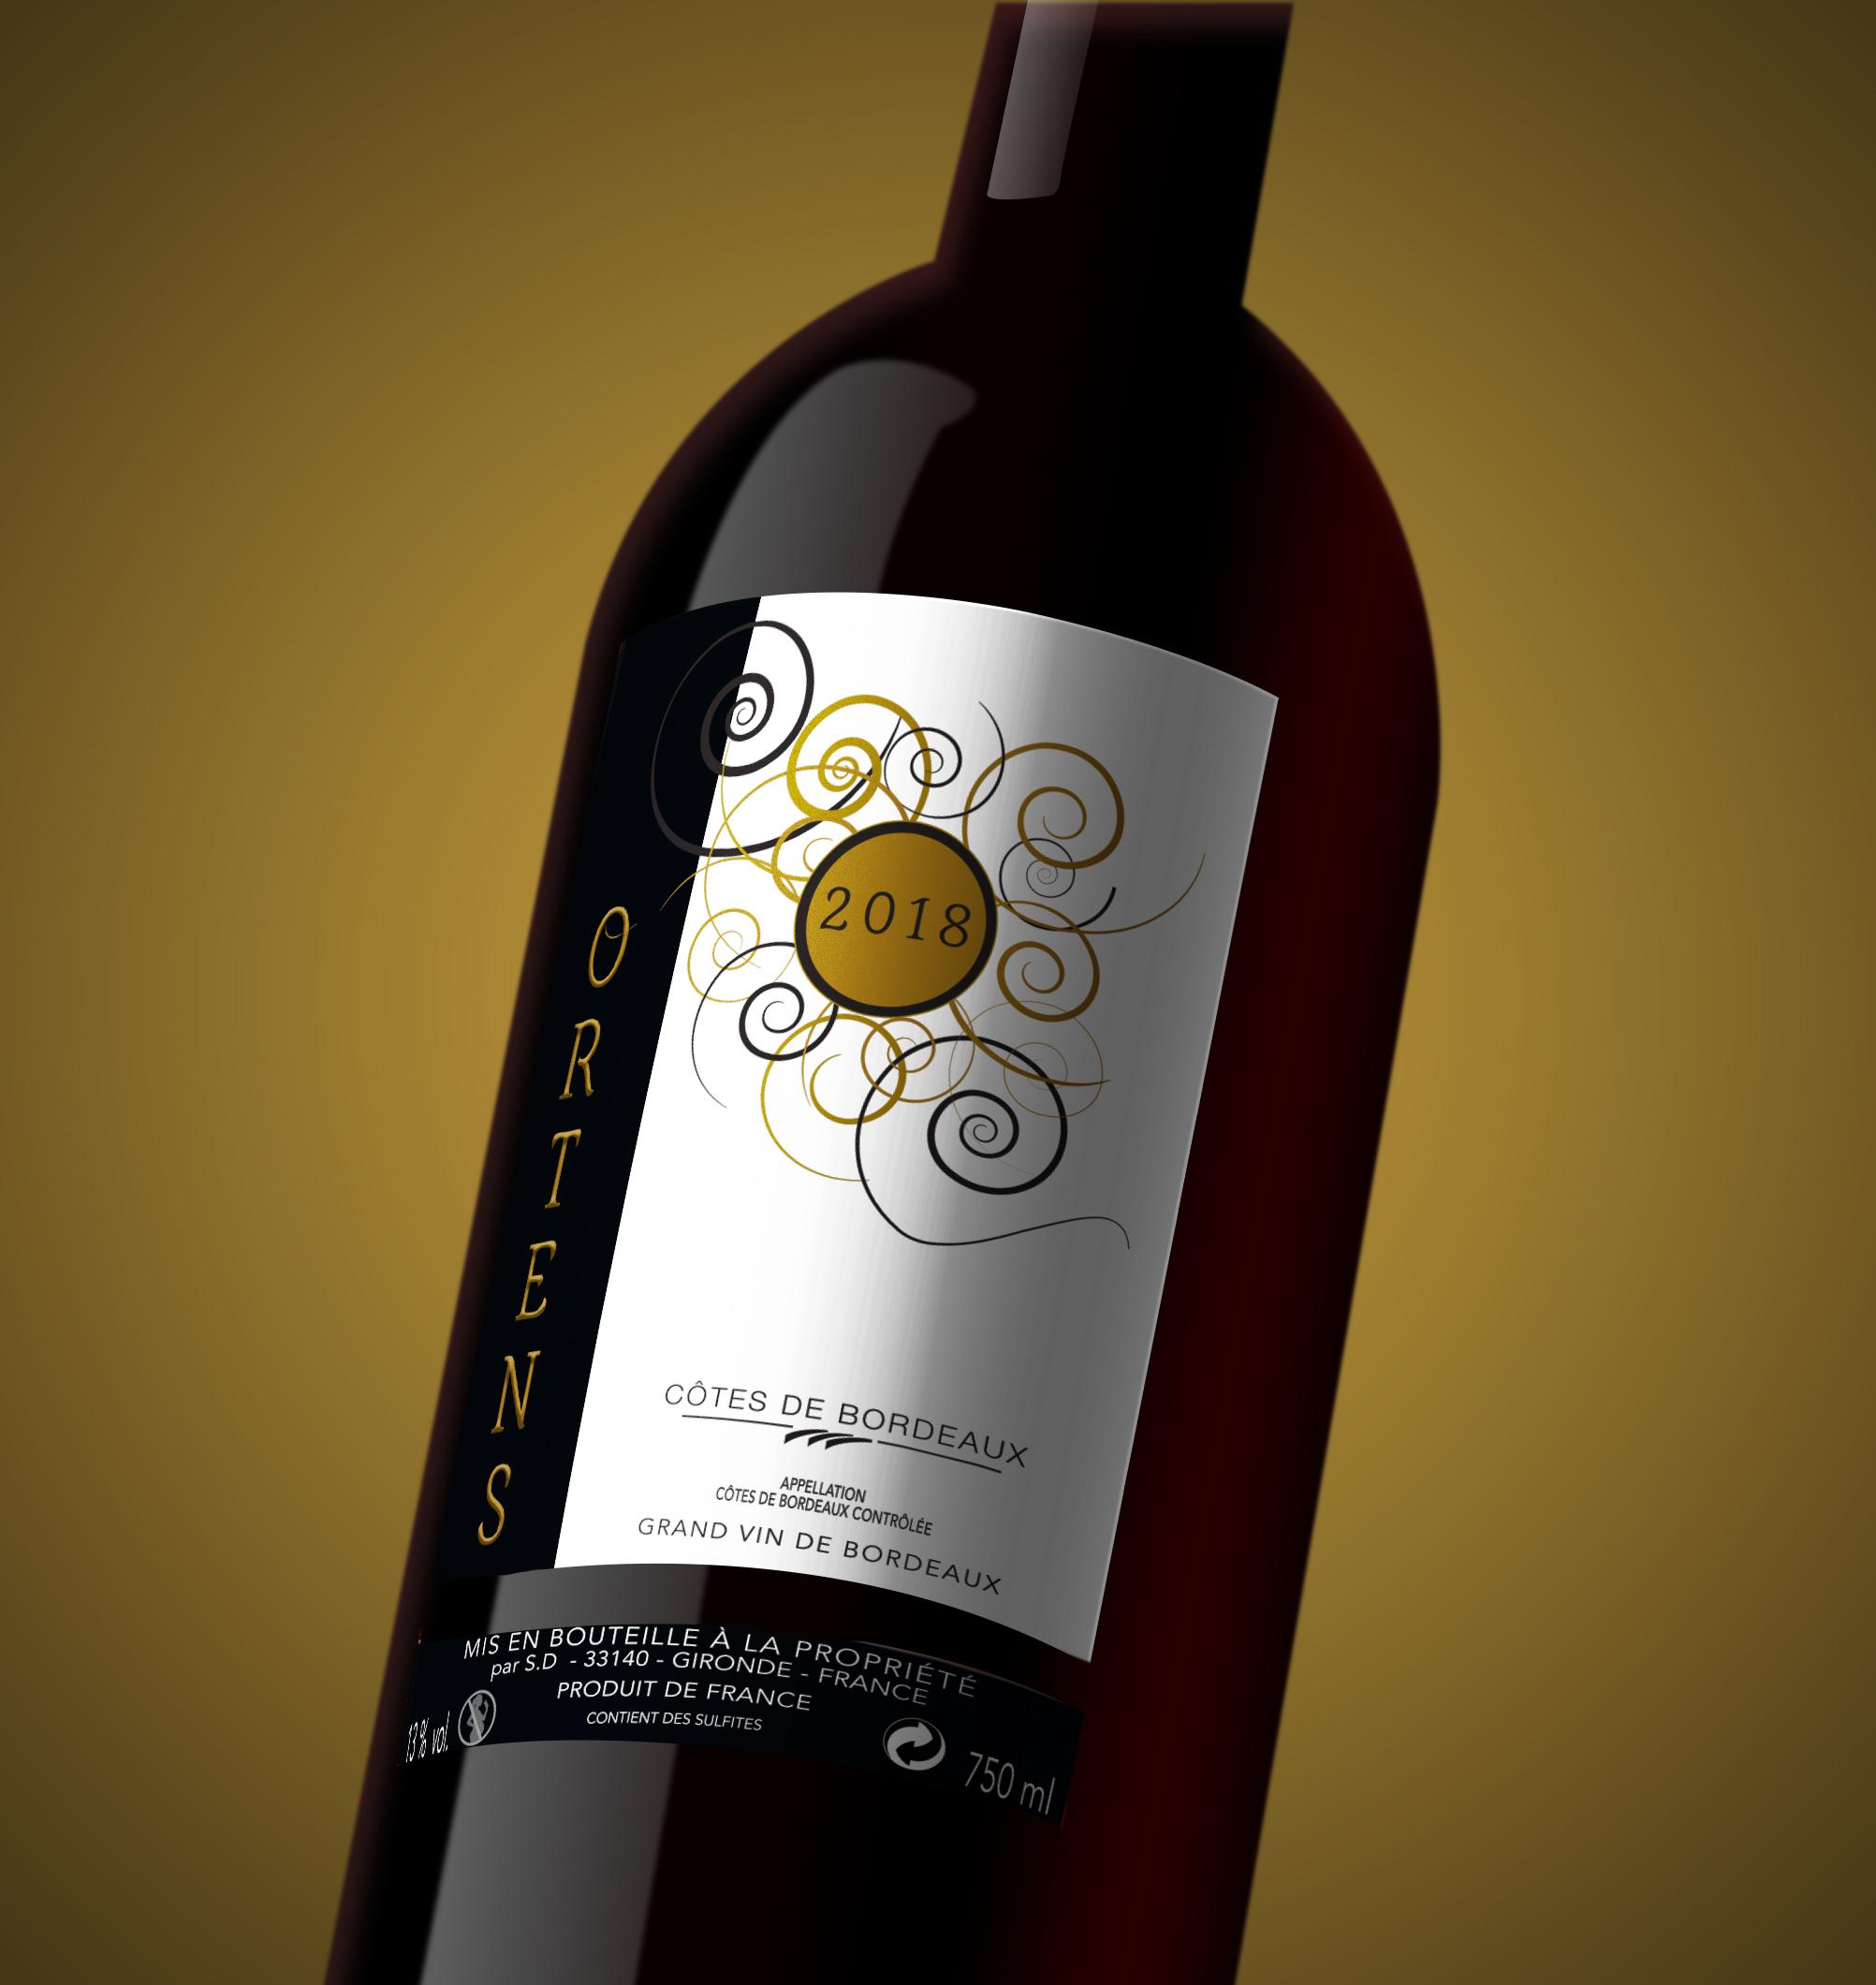 planche d'illustration de l'étiquette de vin 2 ortens